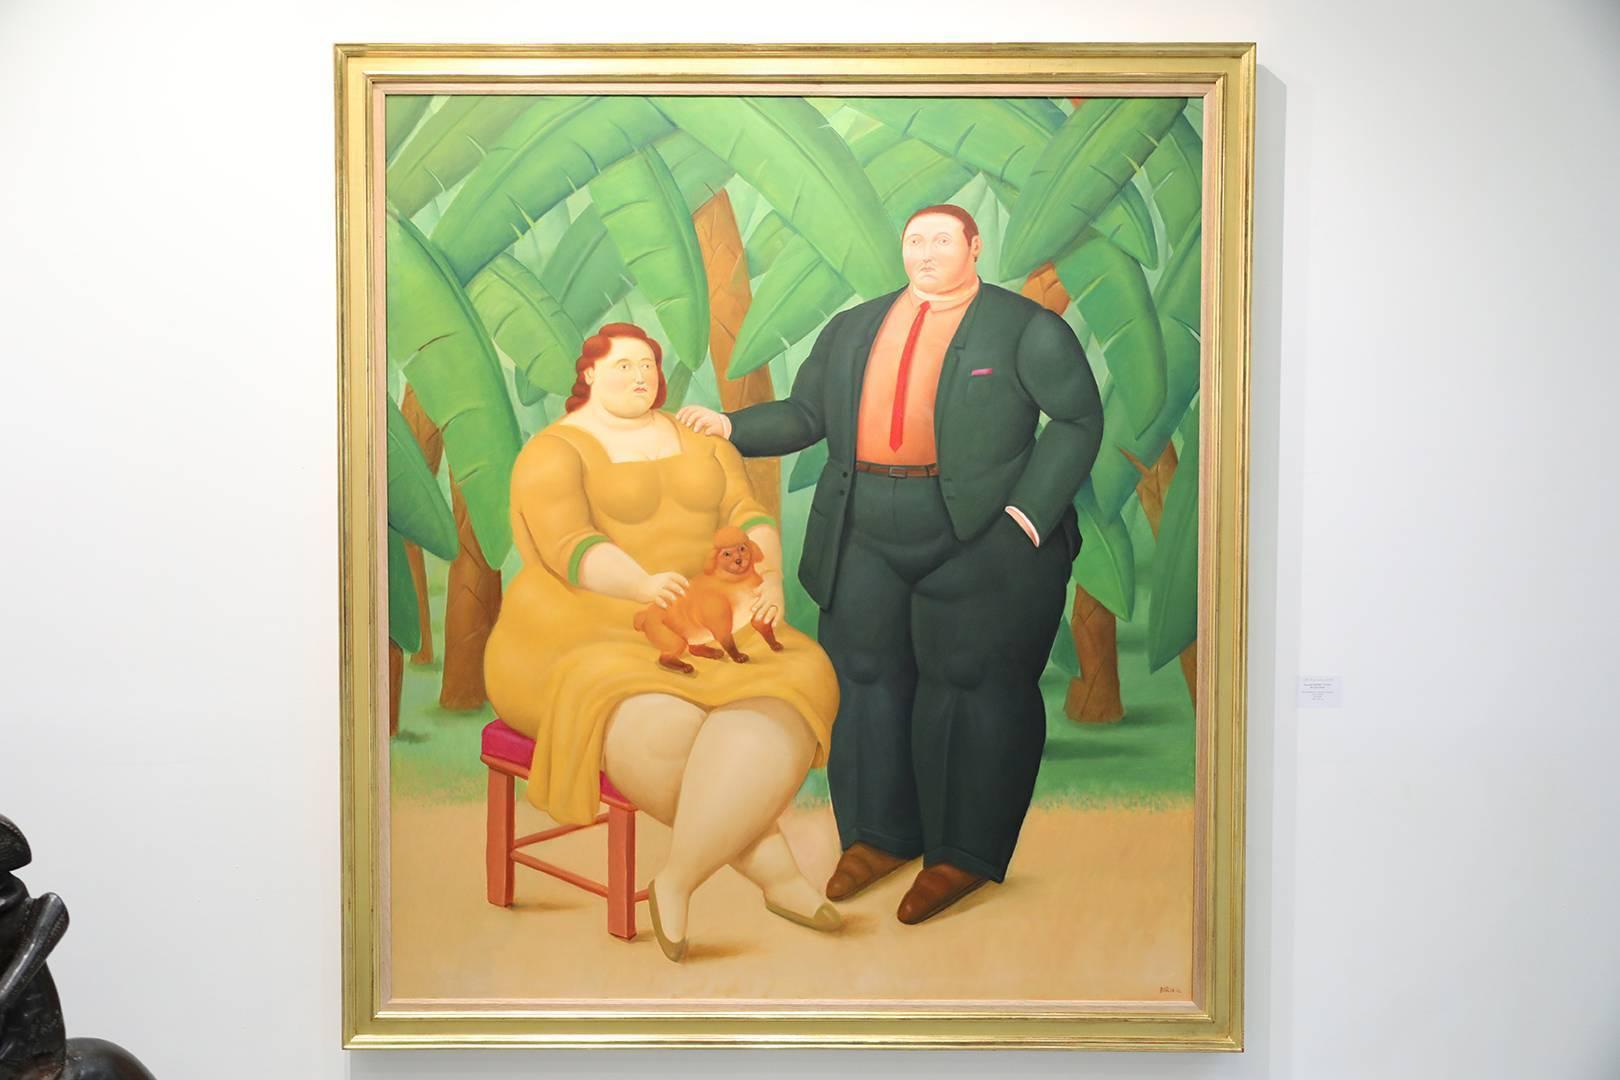 費爾南多‧波特羅〈Man and Woman in Banana Plantation〉